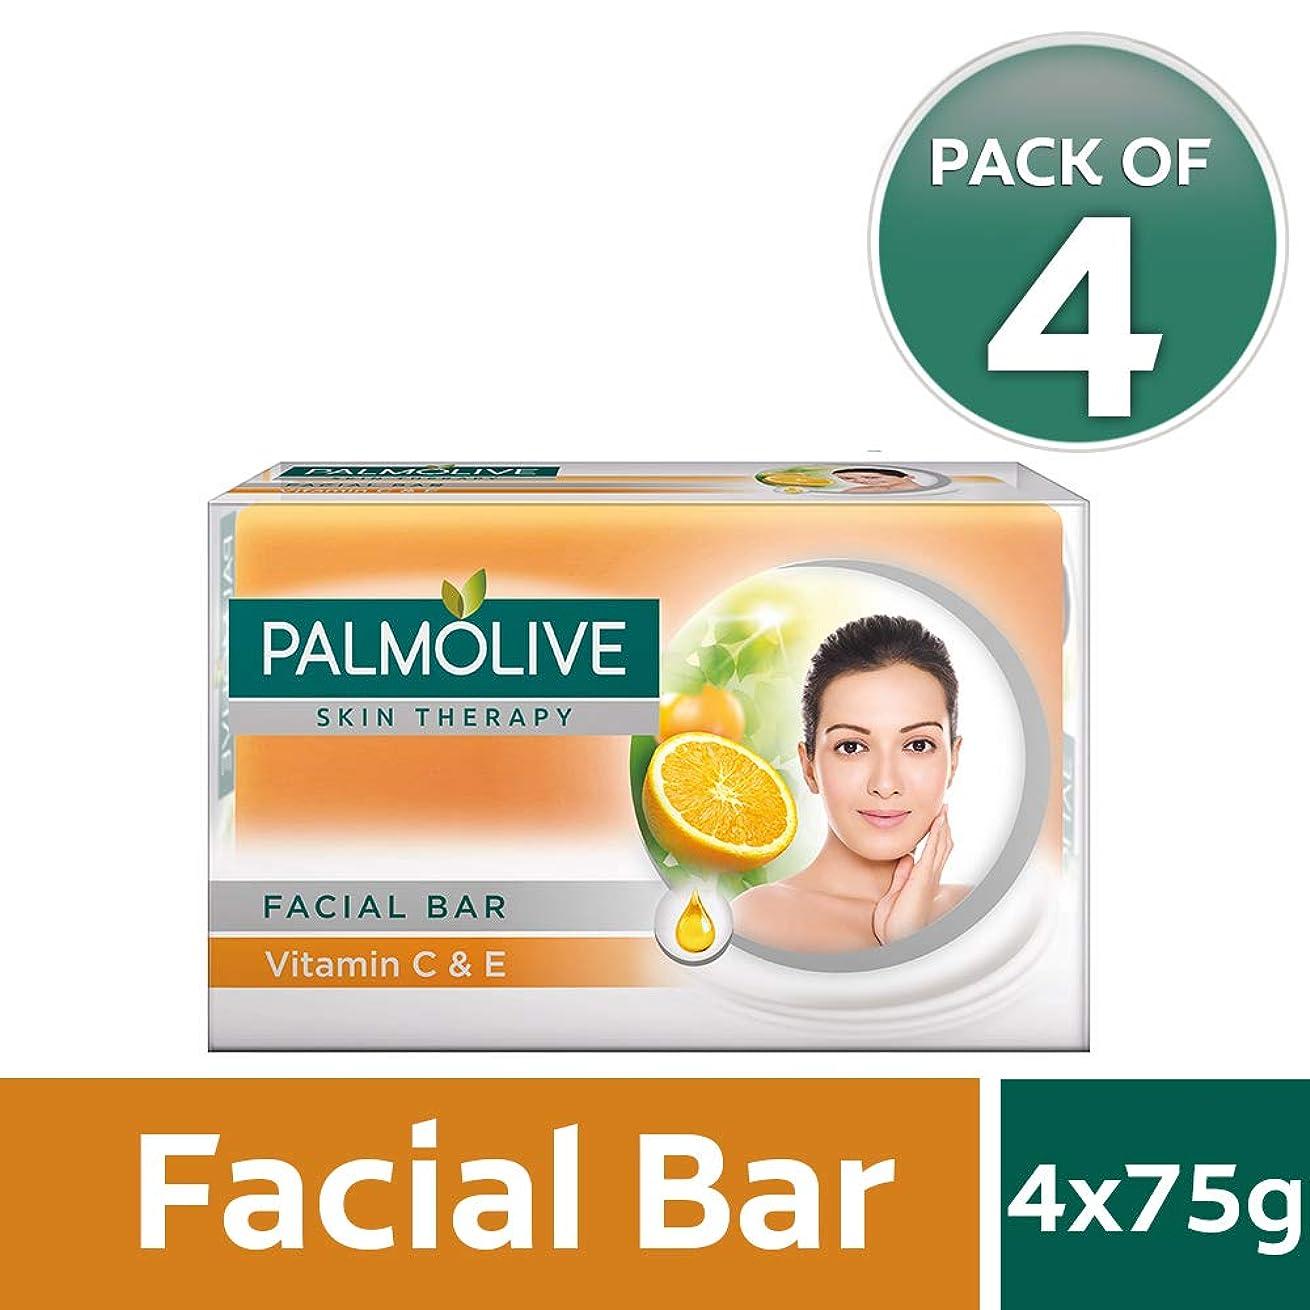 盗賊リングレット自信があるPalmolive Skin Therapy Facial Bar Soap with Vitamin C and E - 75g (Pack of 4)